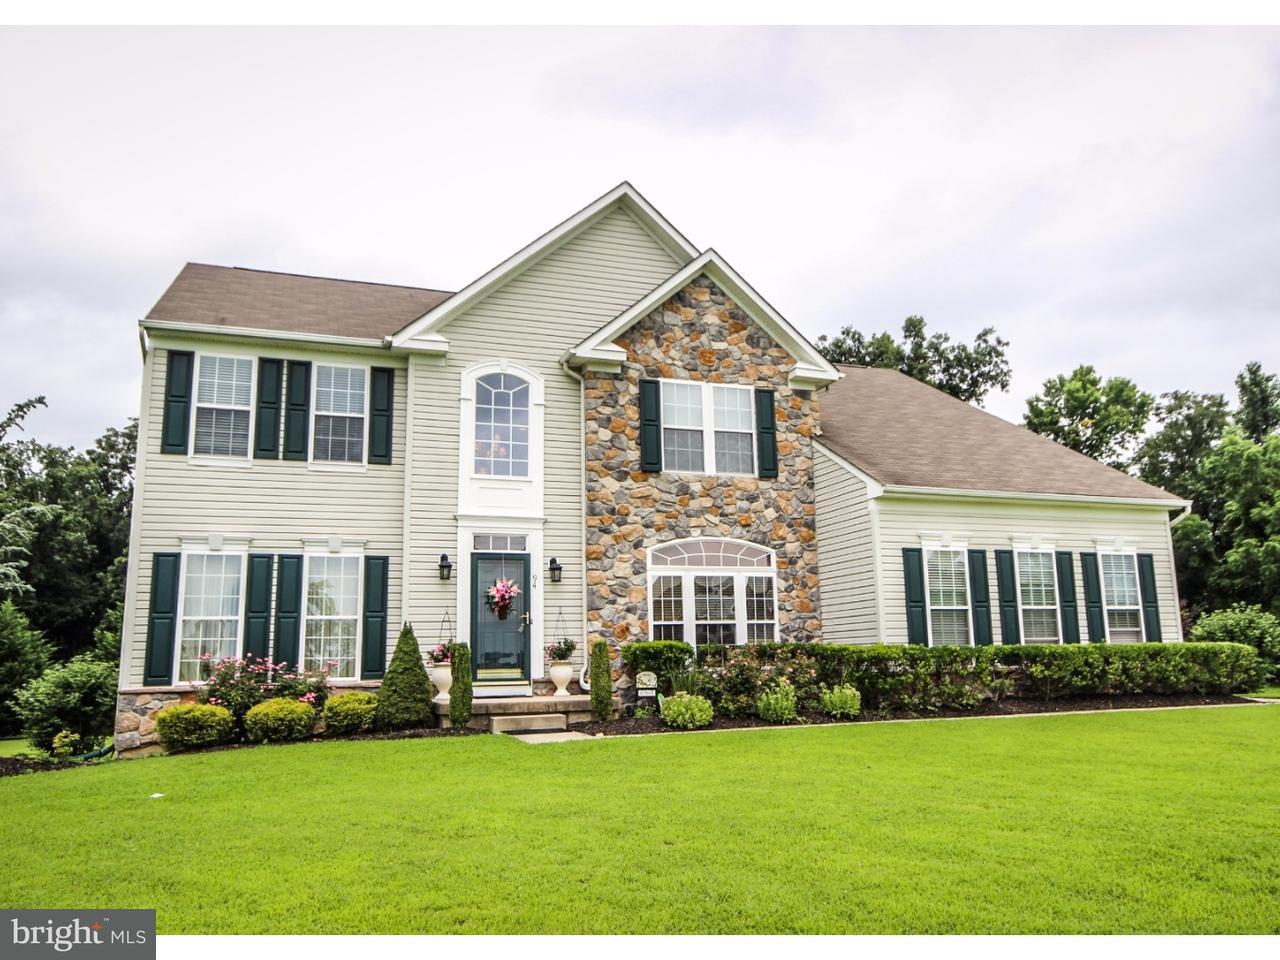 独户住宅 为 销售 在 94 QUAIL RIDGE WAY Mickleton, 新泽西州 08056 美国